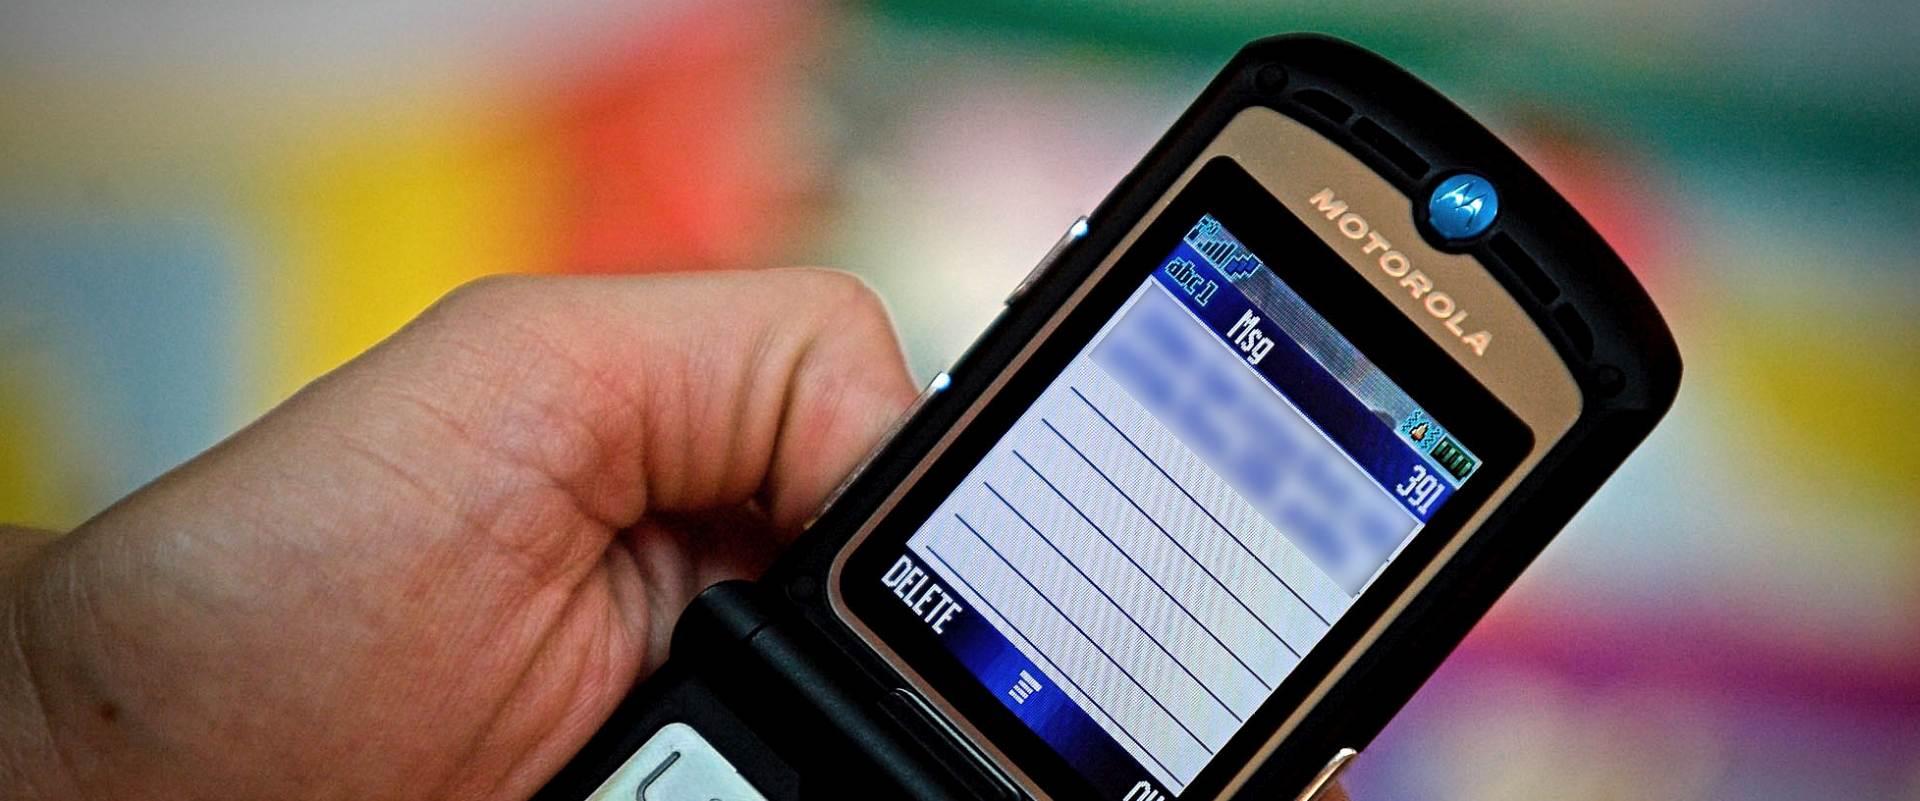 KRŠENJE ŠUTNJE: HAKOM-u proslijeđeni brojevi s kojih su slani sms-ovi